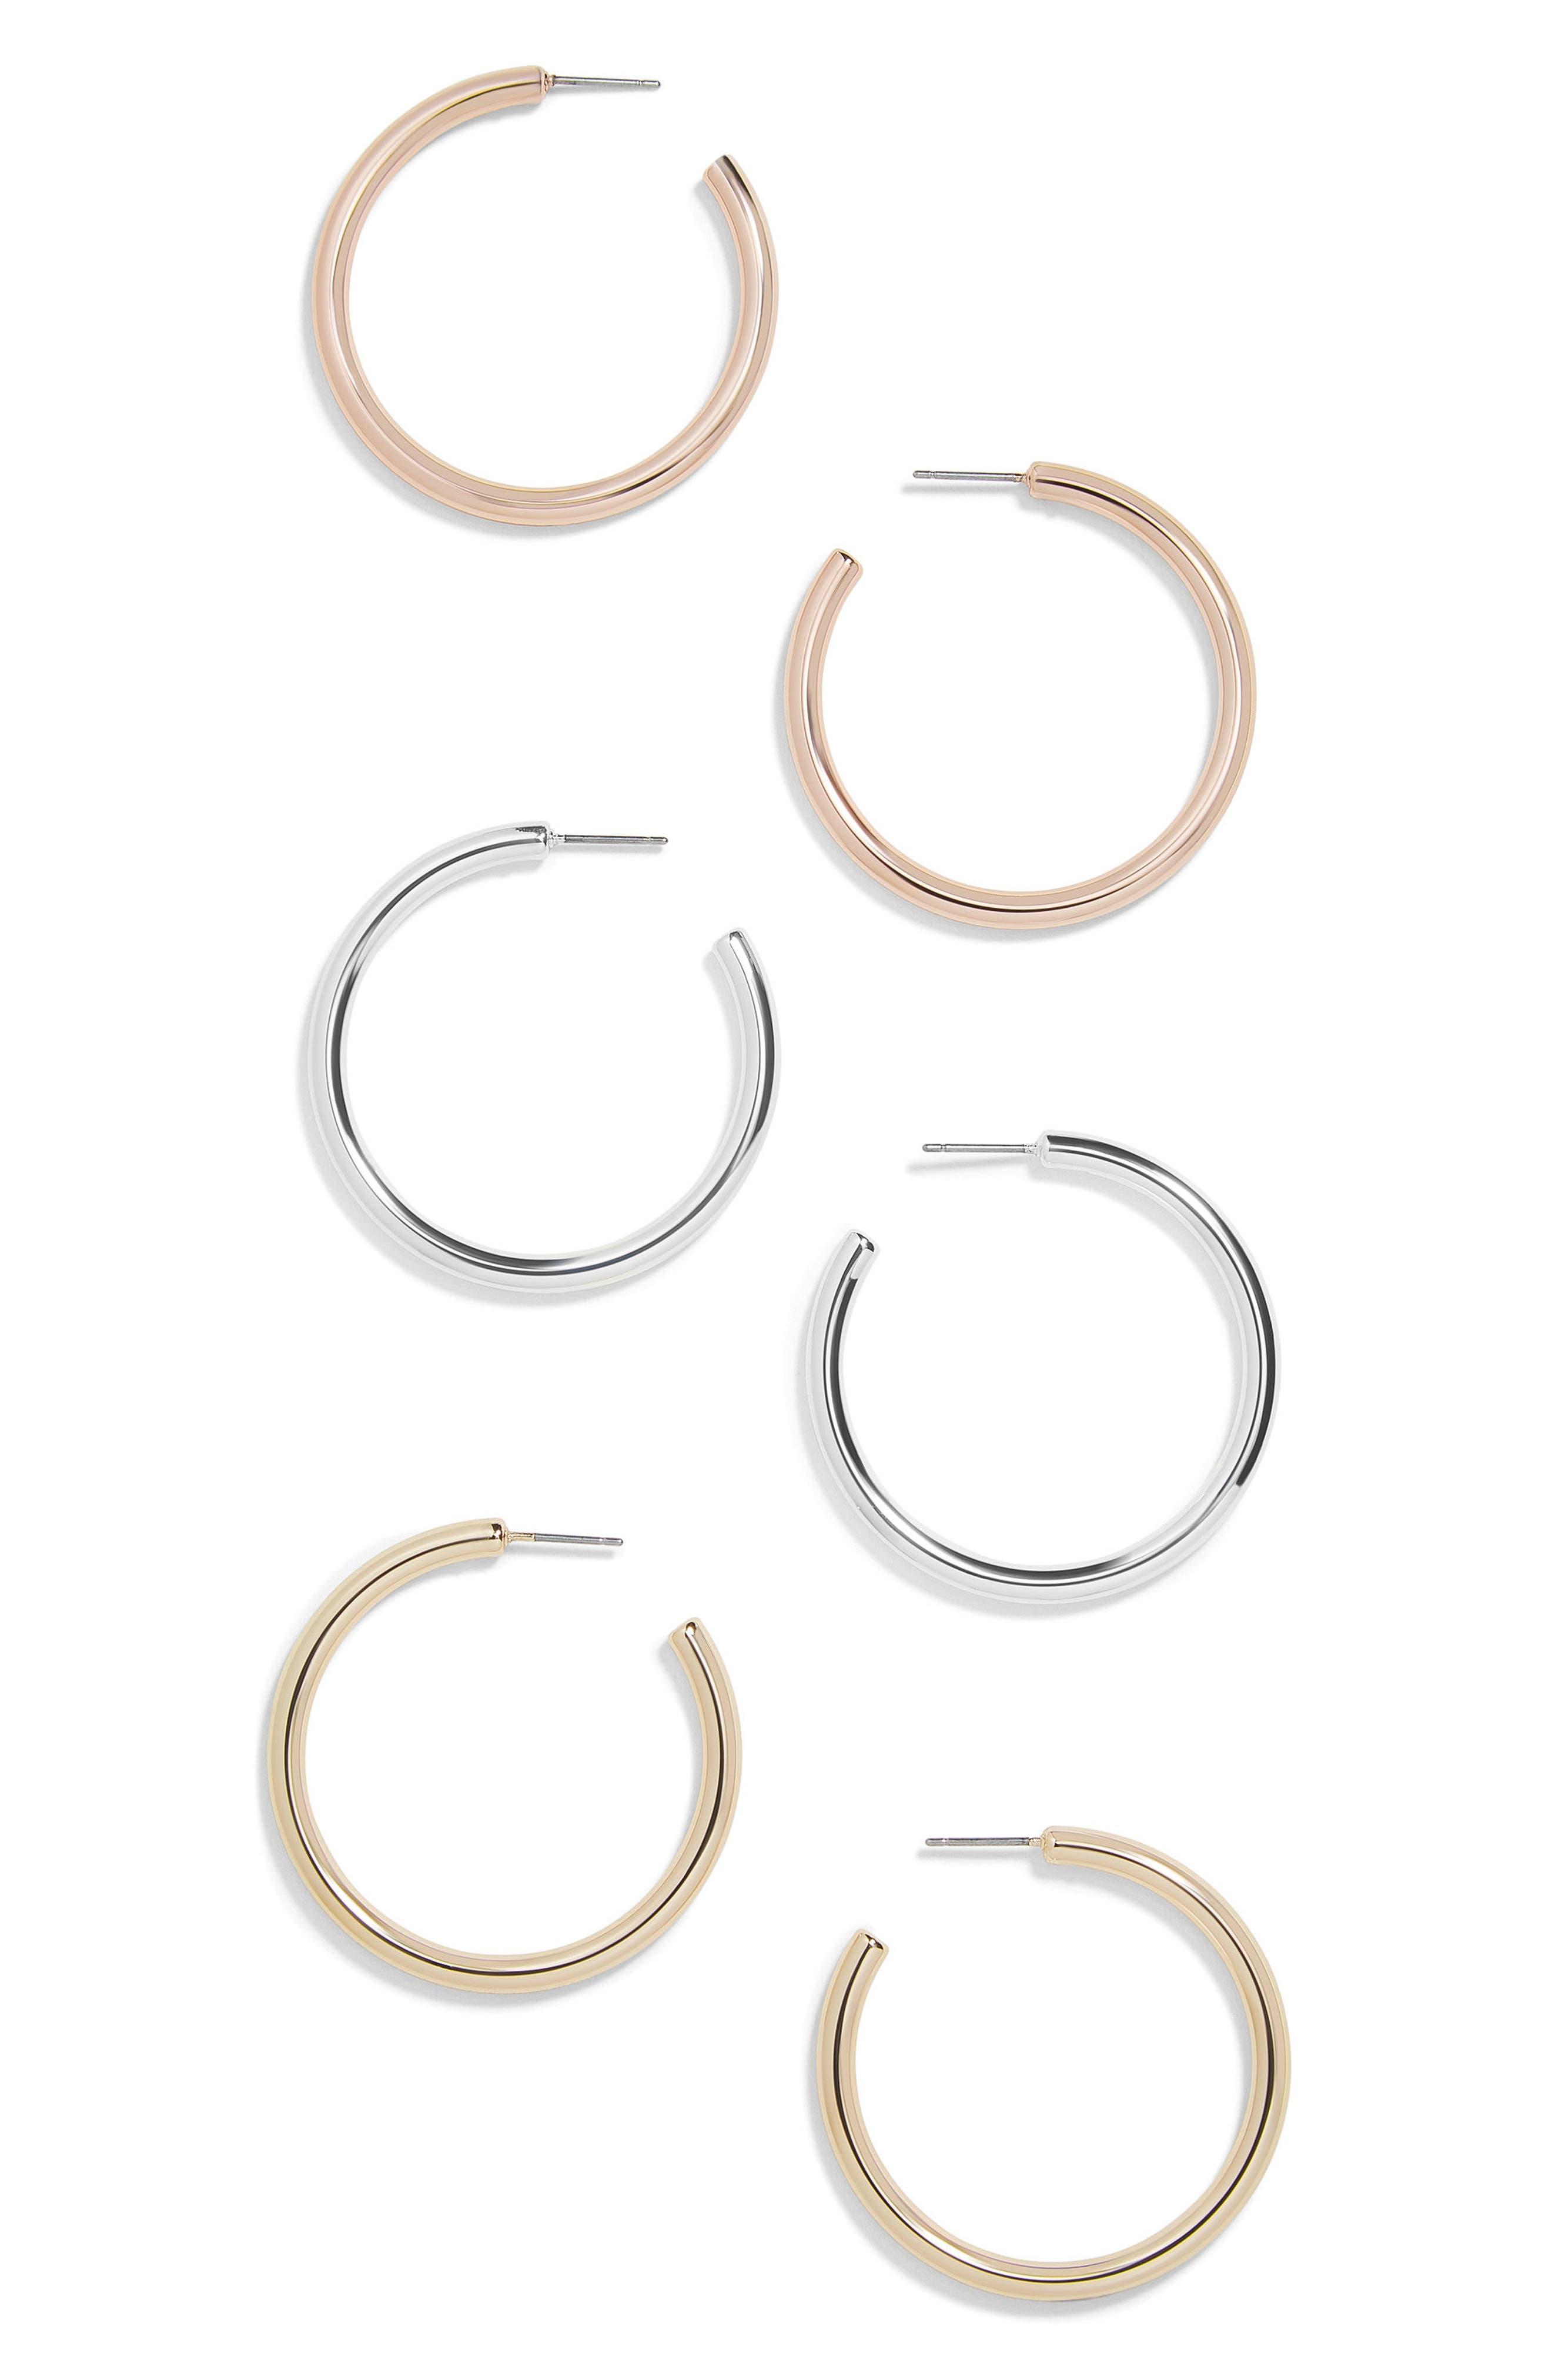 Harley Set of 3 Hoop Earrings,                             Main thumbnail 1, color,                             040